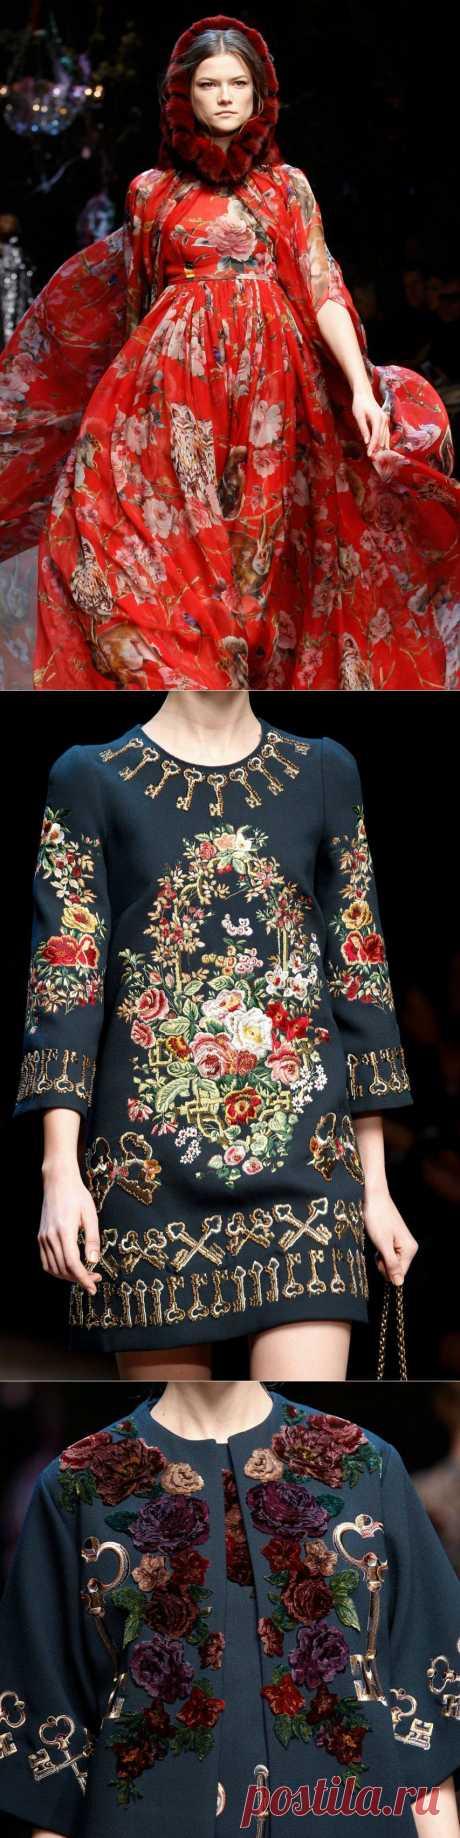 Супервдохновляющие идеи для модниц рукодельниц от Dolce & Gabbana | Мода